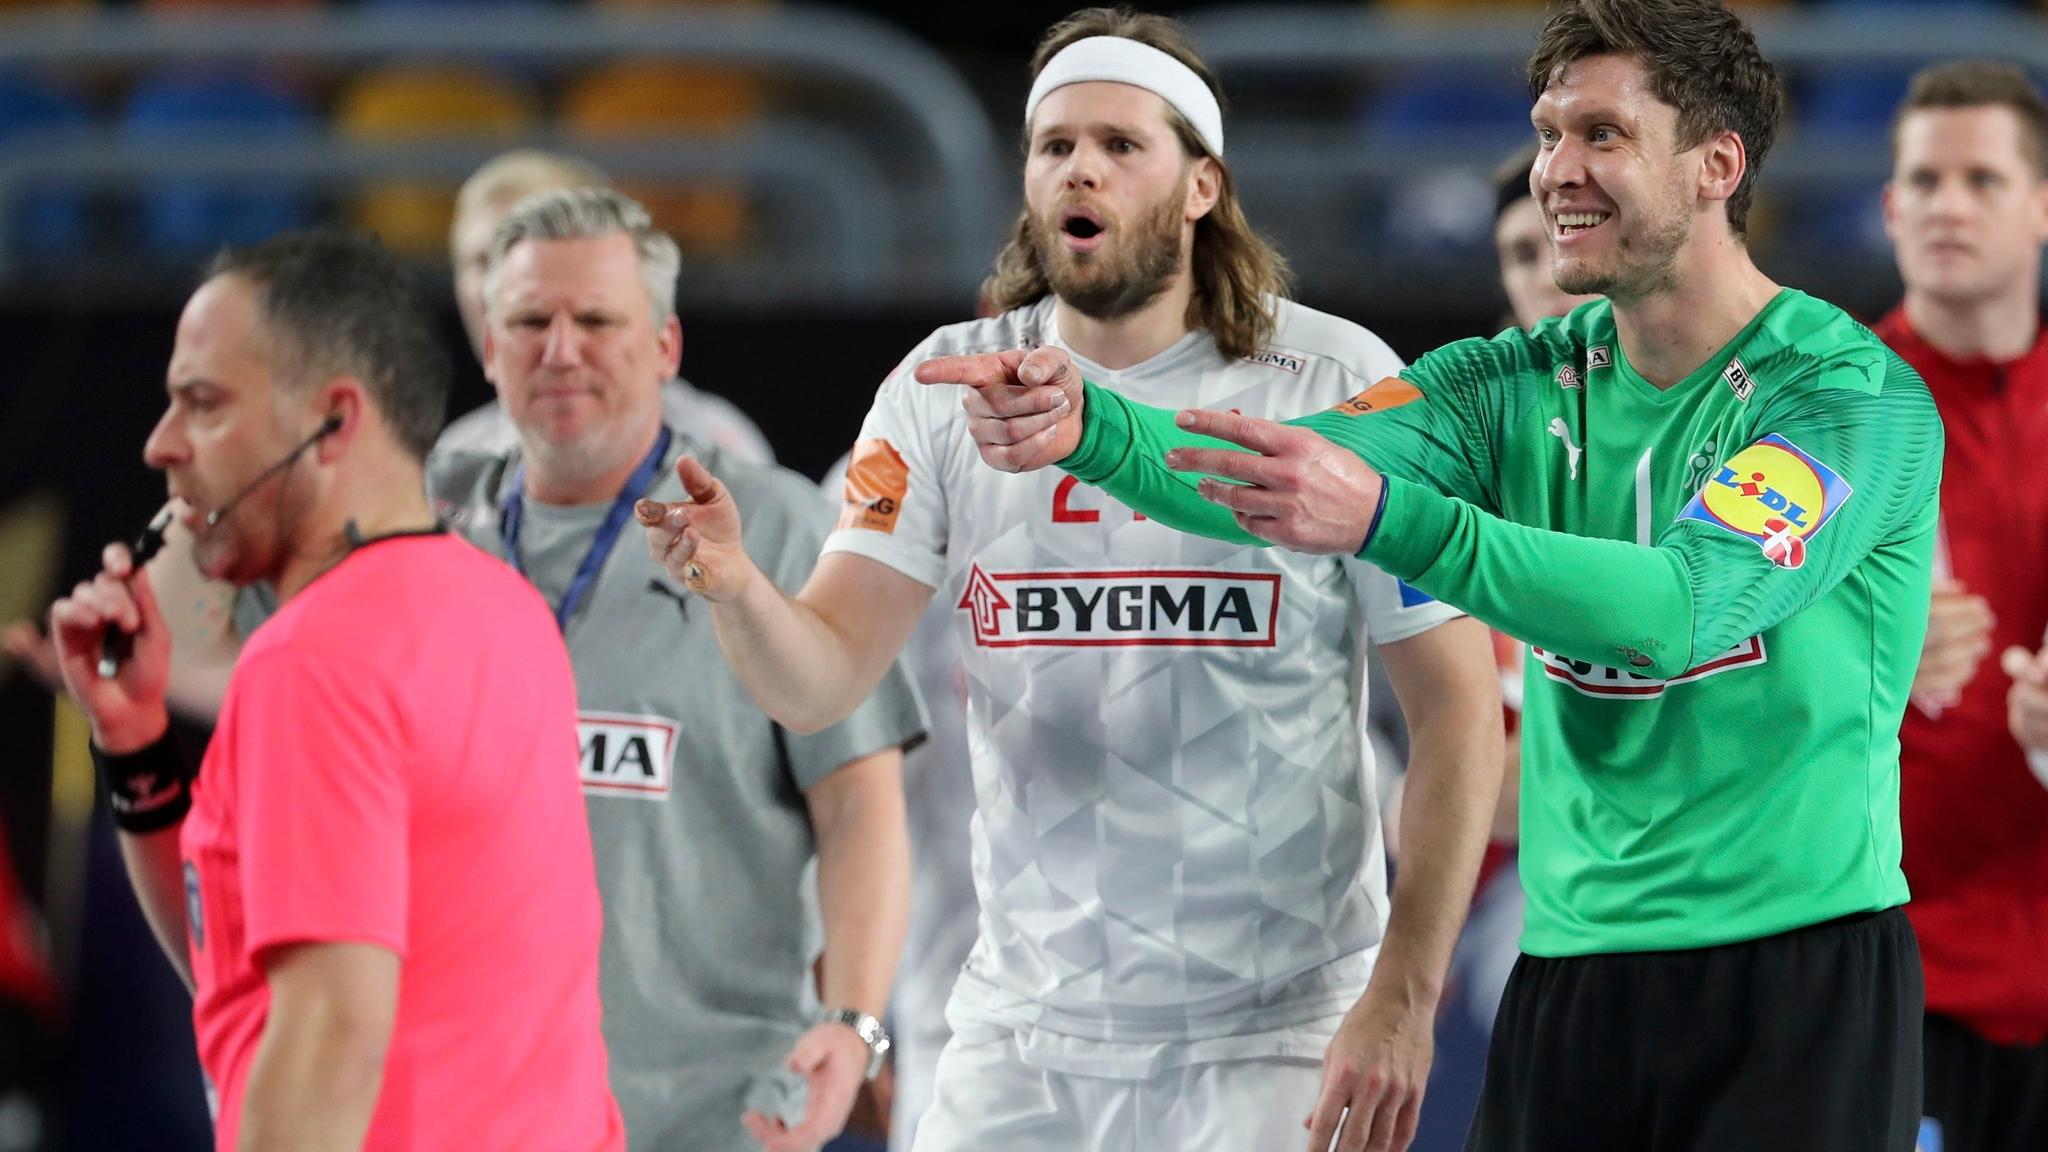 Mundial de Balonmano 2021: Landin mete en semifinales a Dinamarca en la  tanda de penaltis | Marca.com